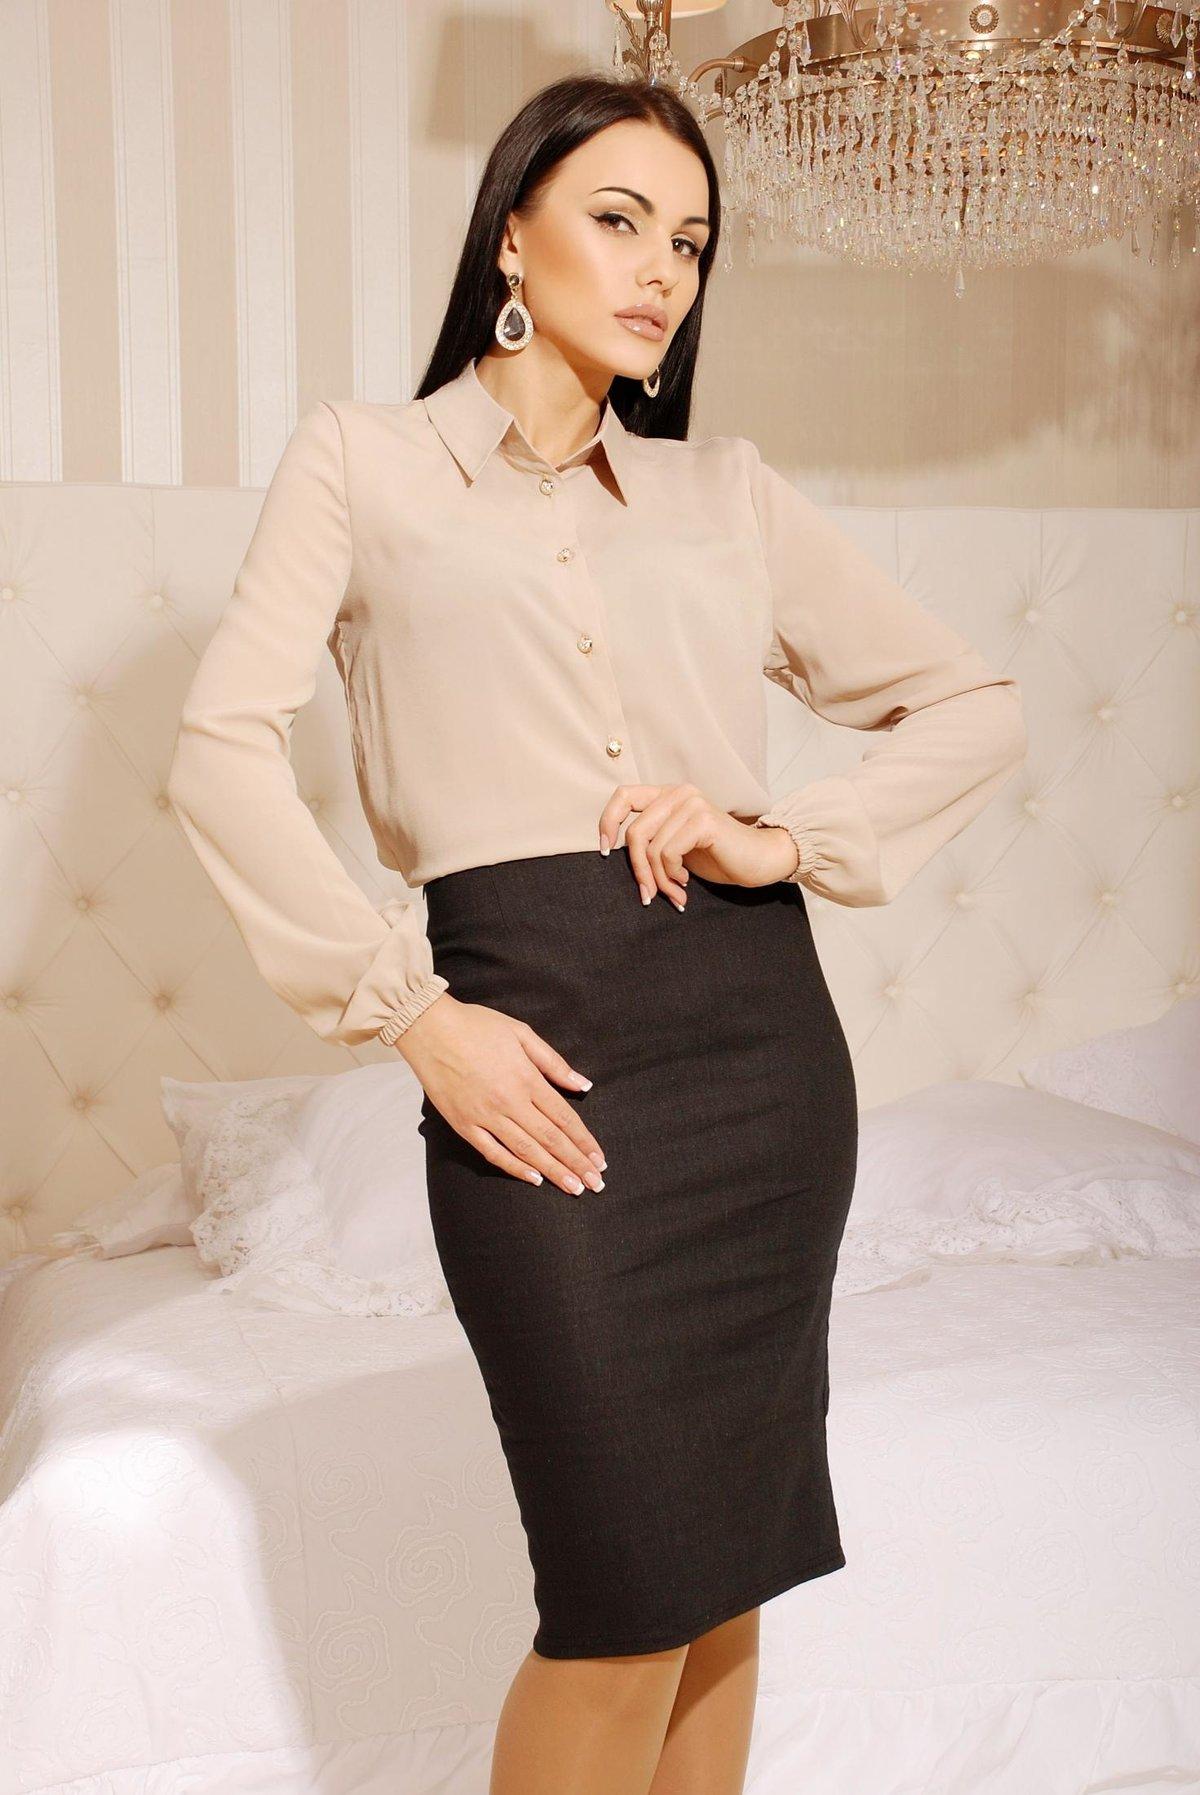 картинки красивые юбки и блузки создавал общий